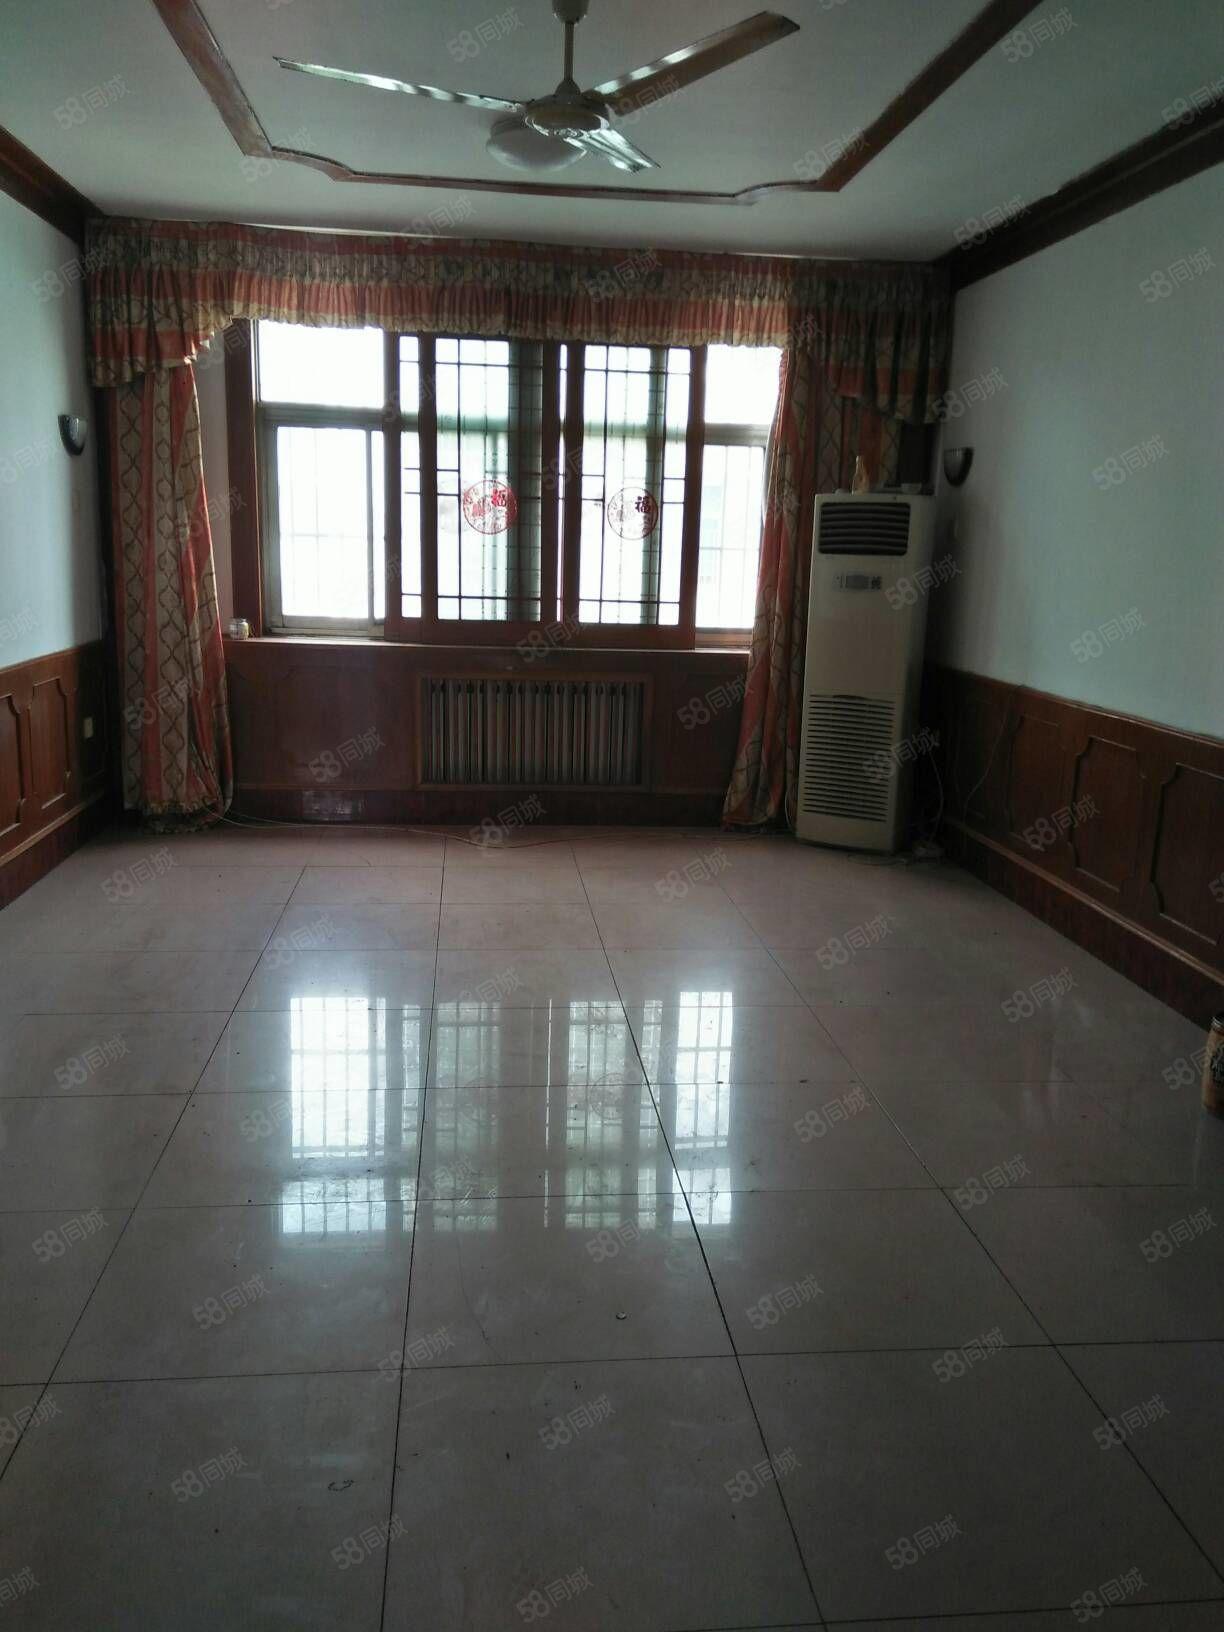 仙营福利苑5楼2室2厅90平,停车方便,空房。